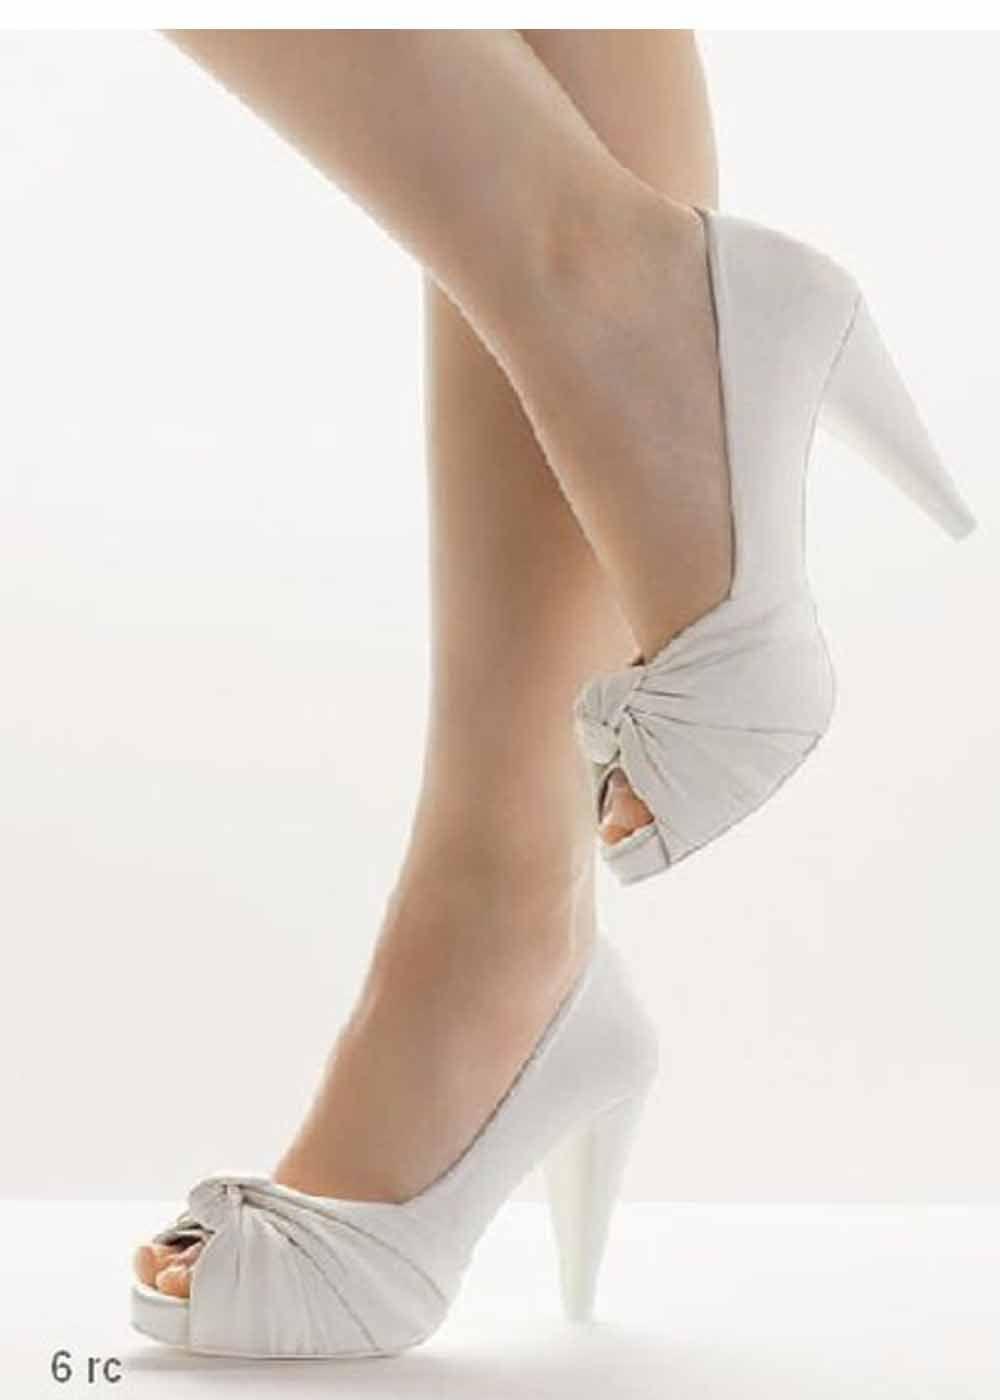 Wedding Dress Wedge Shoes Accessoires pour réussir votre mariage sur http://yesidomariage.com